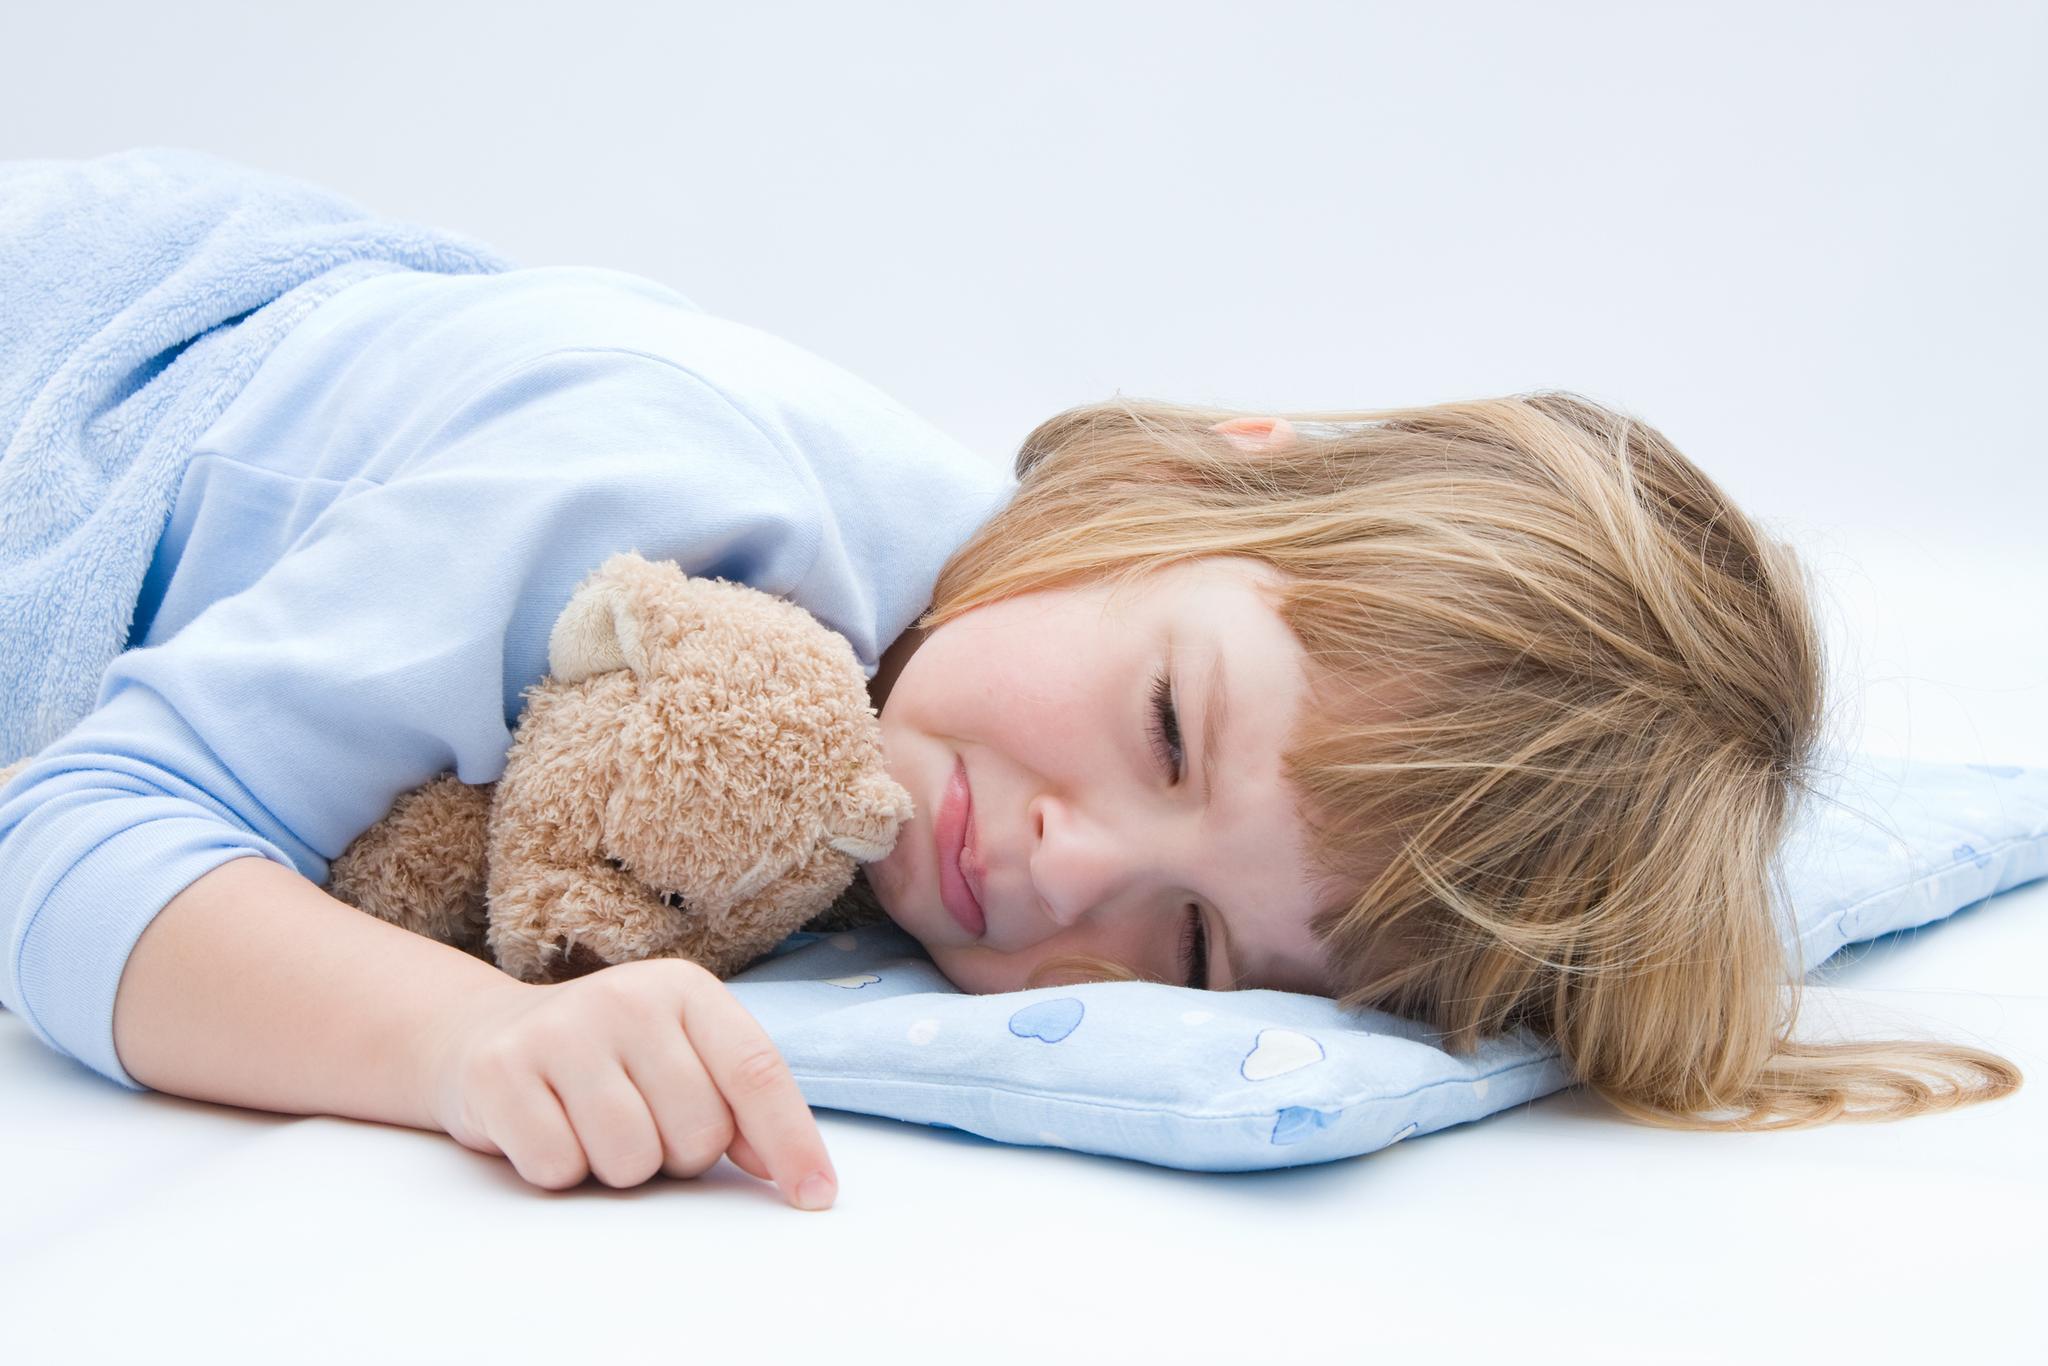 К соннику миллера обращаются за толкованием сновидений чаще всего.